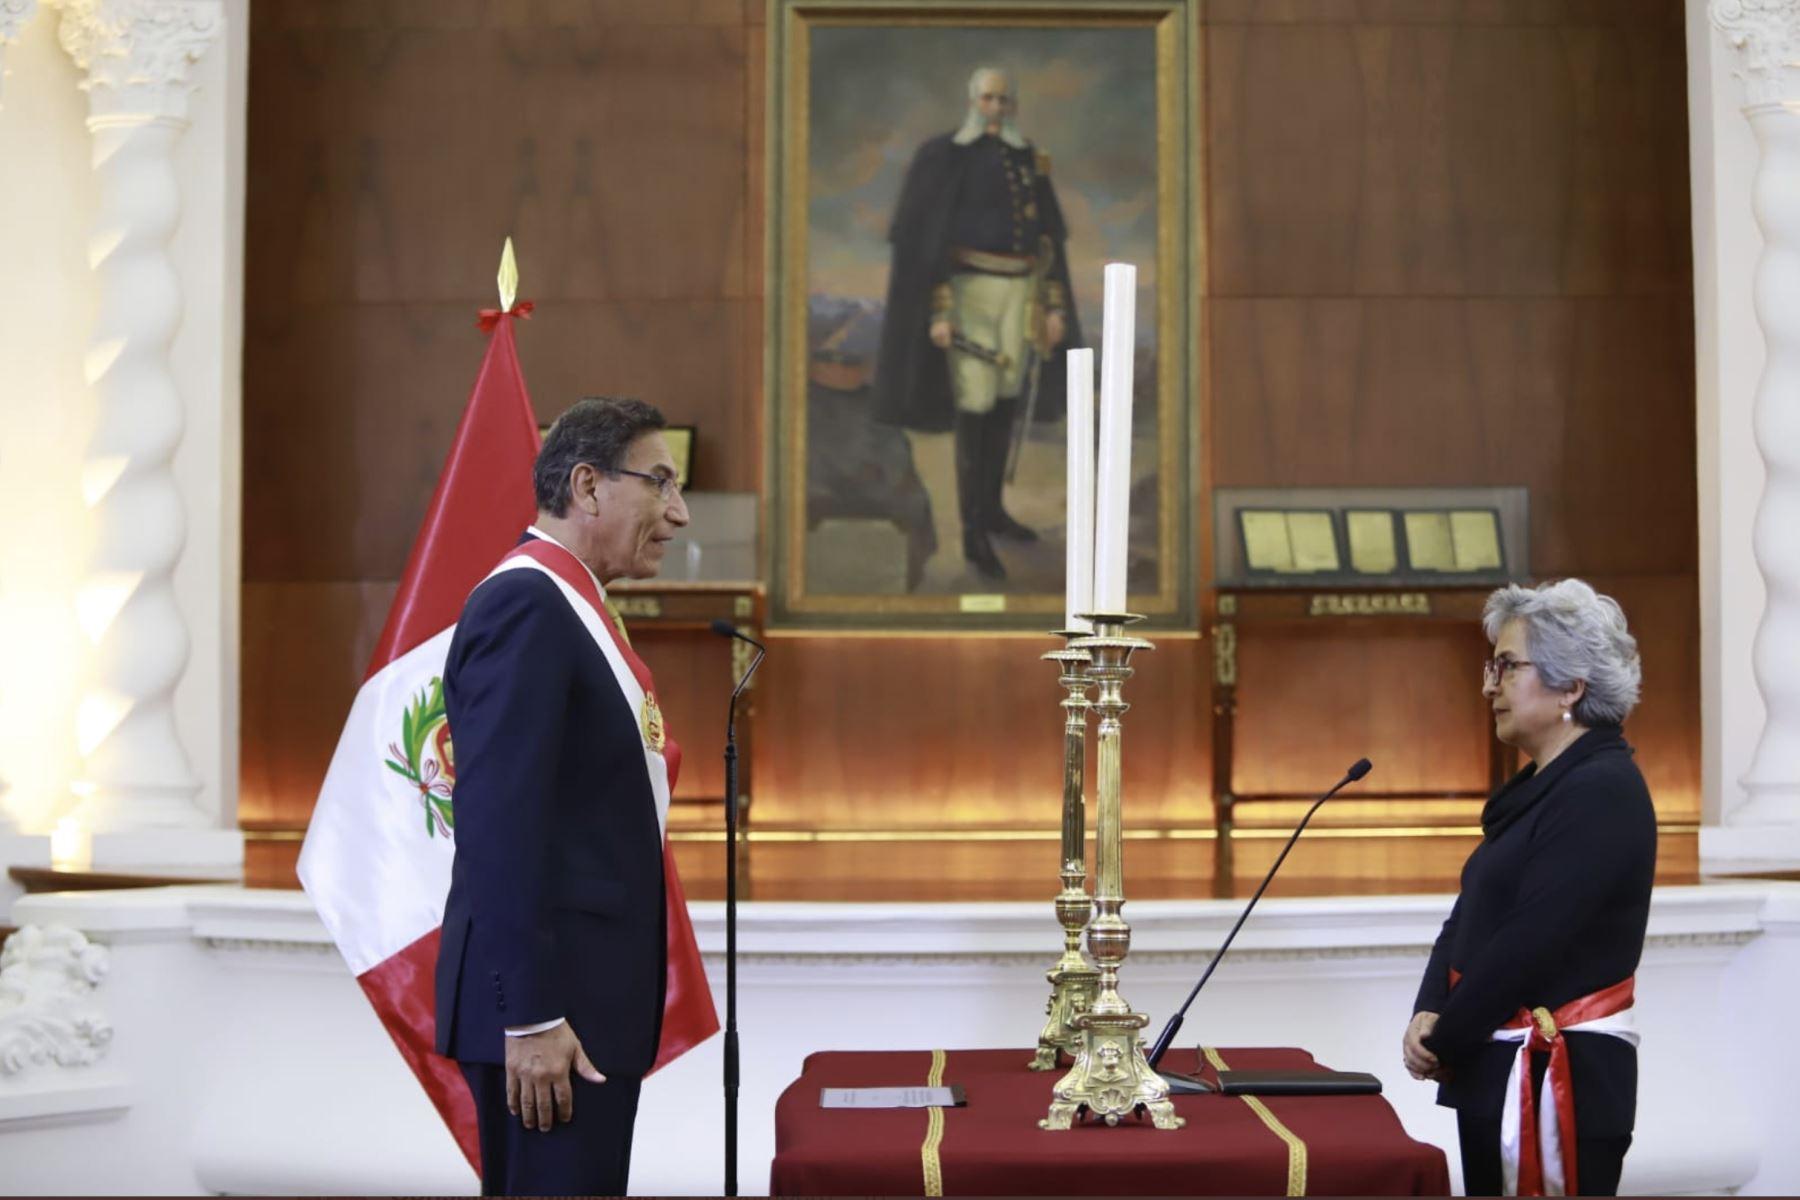 Presidente de la República, Martín Vizcarra juramenta a la nueva a Ministra de Cultura,Sonia Guillén. Foto: ANDINA/PCM